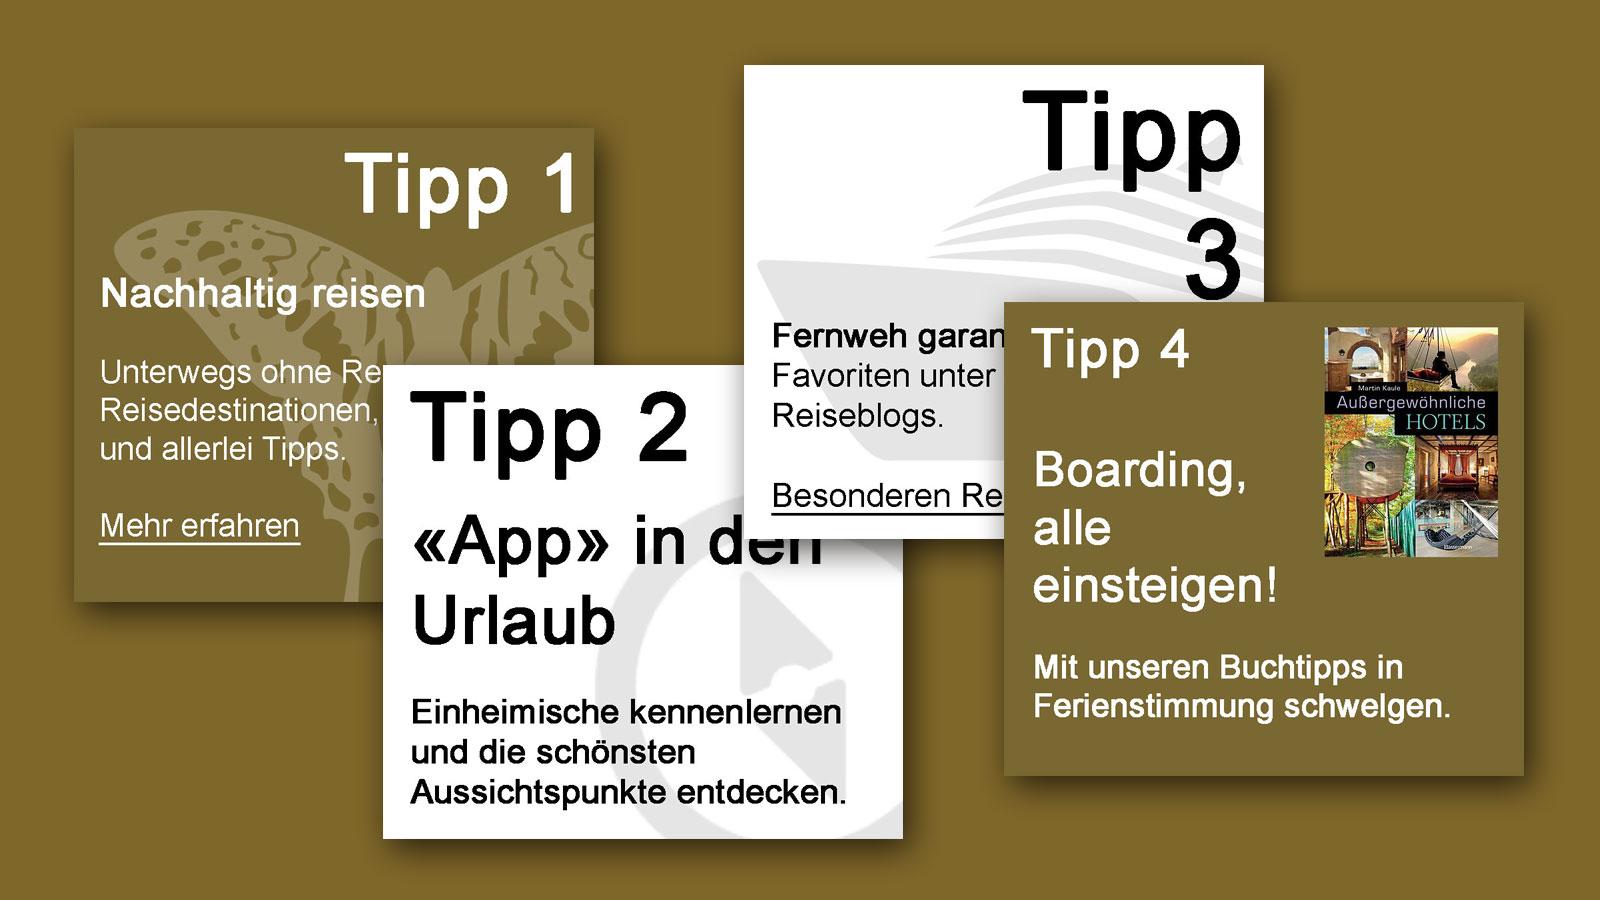 IN KÜRZE – Tipps zum Thema Tourismus / Reisen